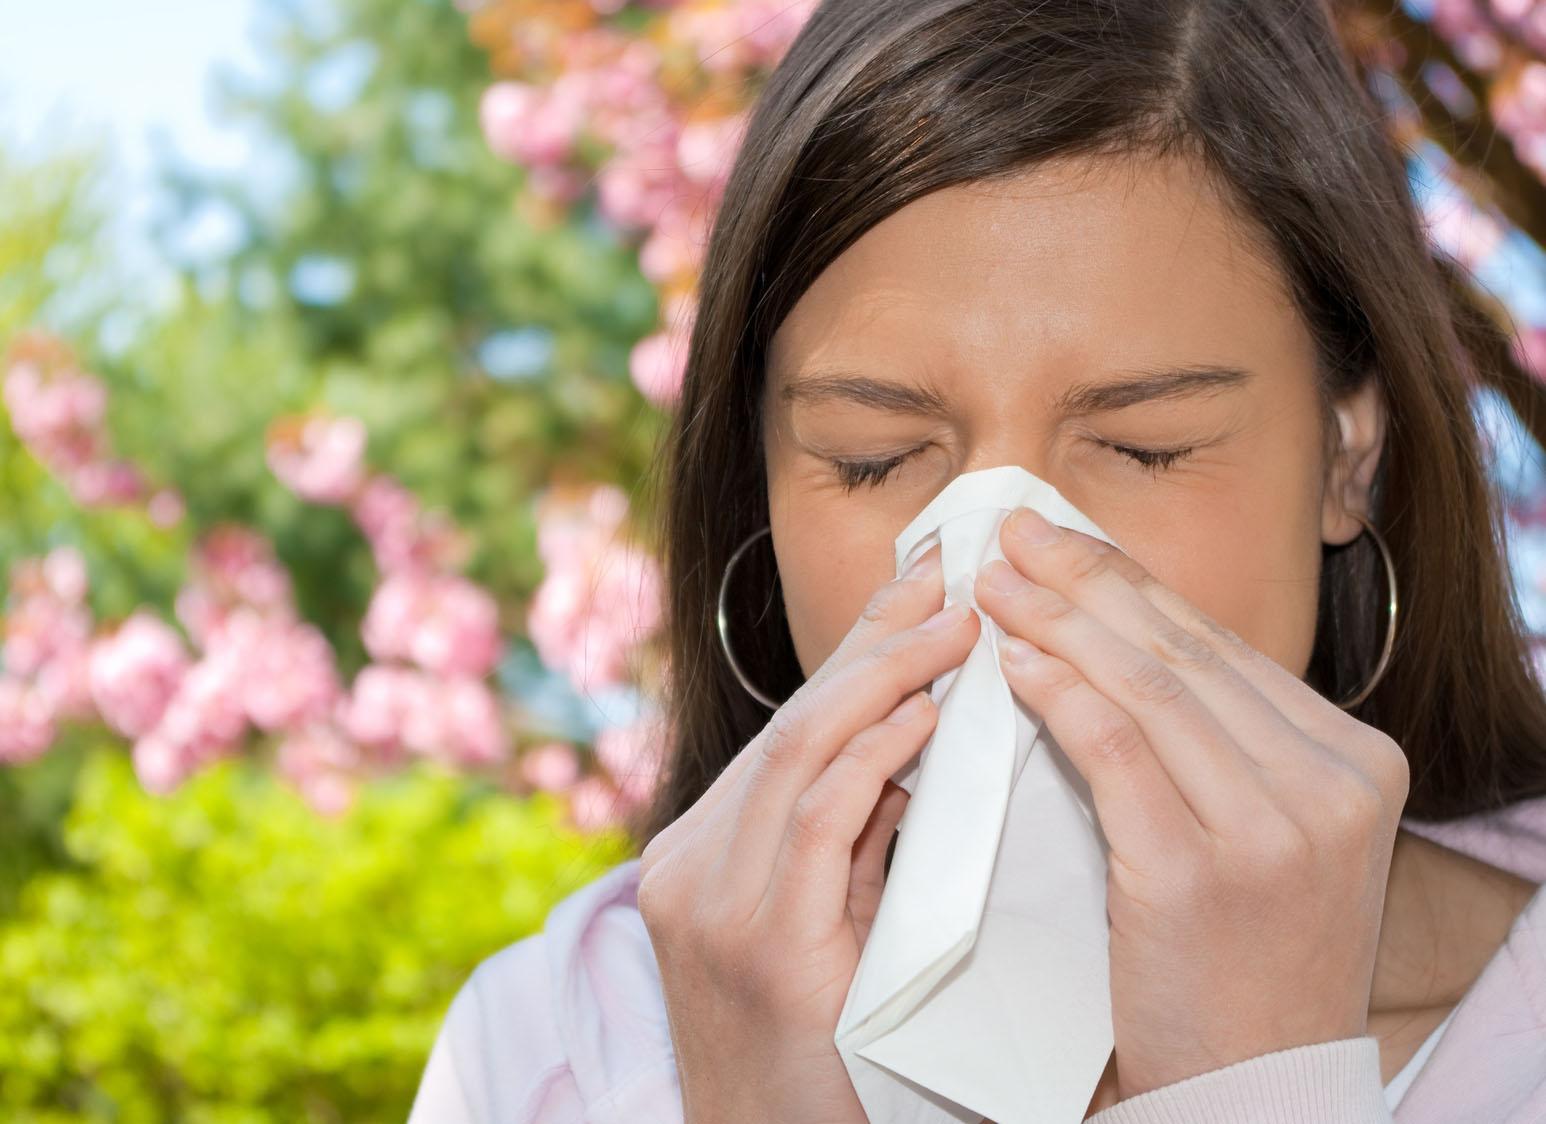 ¿ Alergia o Resfriado ? Reconoce sus sintomas